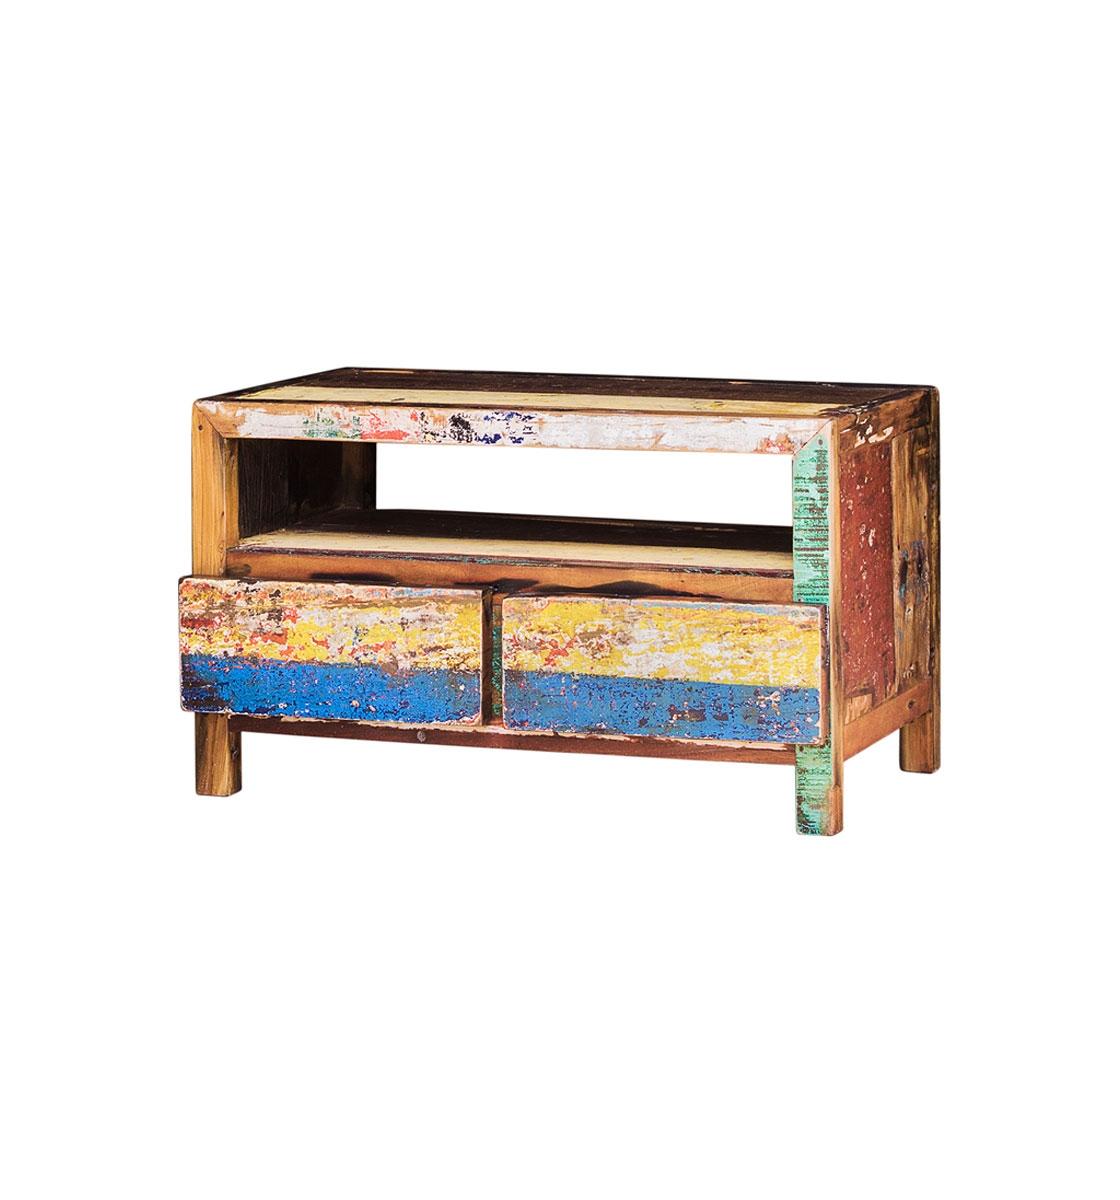 ТВ КонсольТумбы под TV<br>ТВ-консоль, выполненная из старой рыбацкой лодки с сохранением оригинальной многослойной окраски.<br><br>Имеет 2 dвыдвижных ящика и 1 открытую полку. Подходит для использования как ТВ-консоль.<br>Подходит для использования как внутри помещения, так и снаружи.<br>Сборка не требуется.<br><br>Material: Тик<br>Width см: 100<br>Depth см: 50<br>Height см: 60